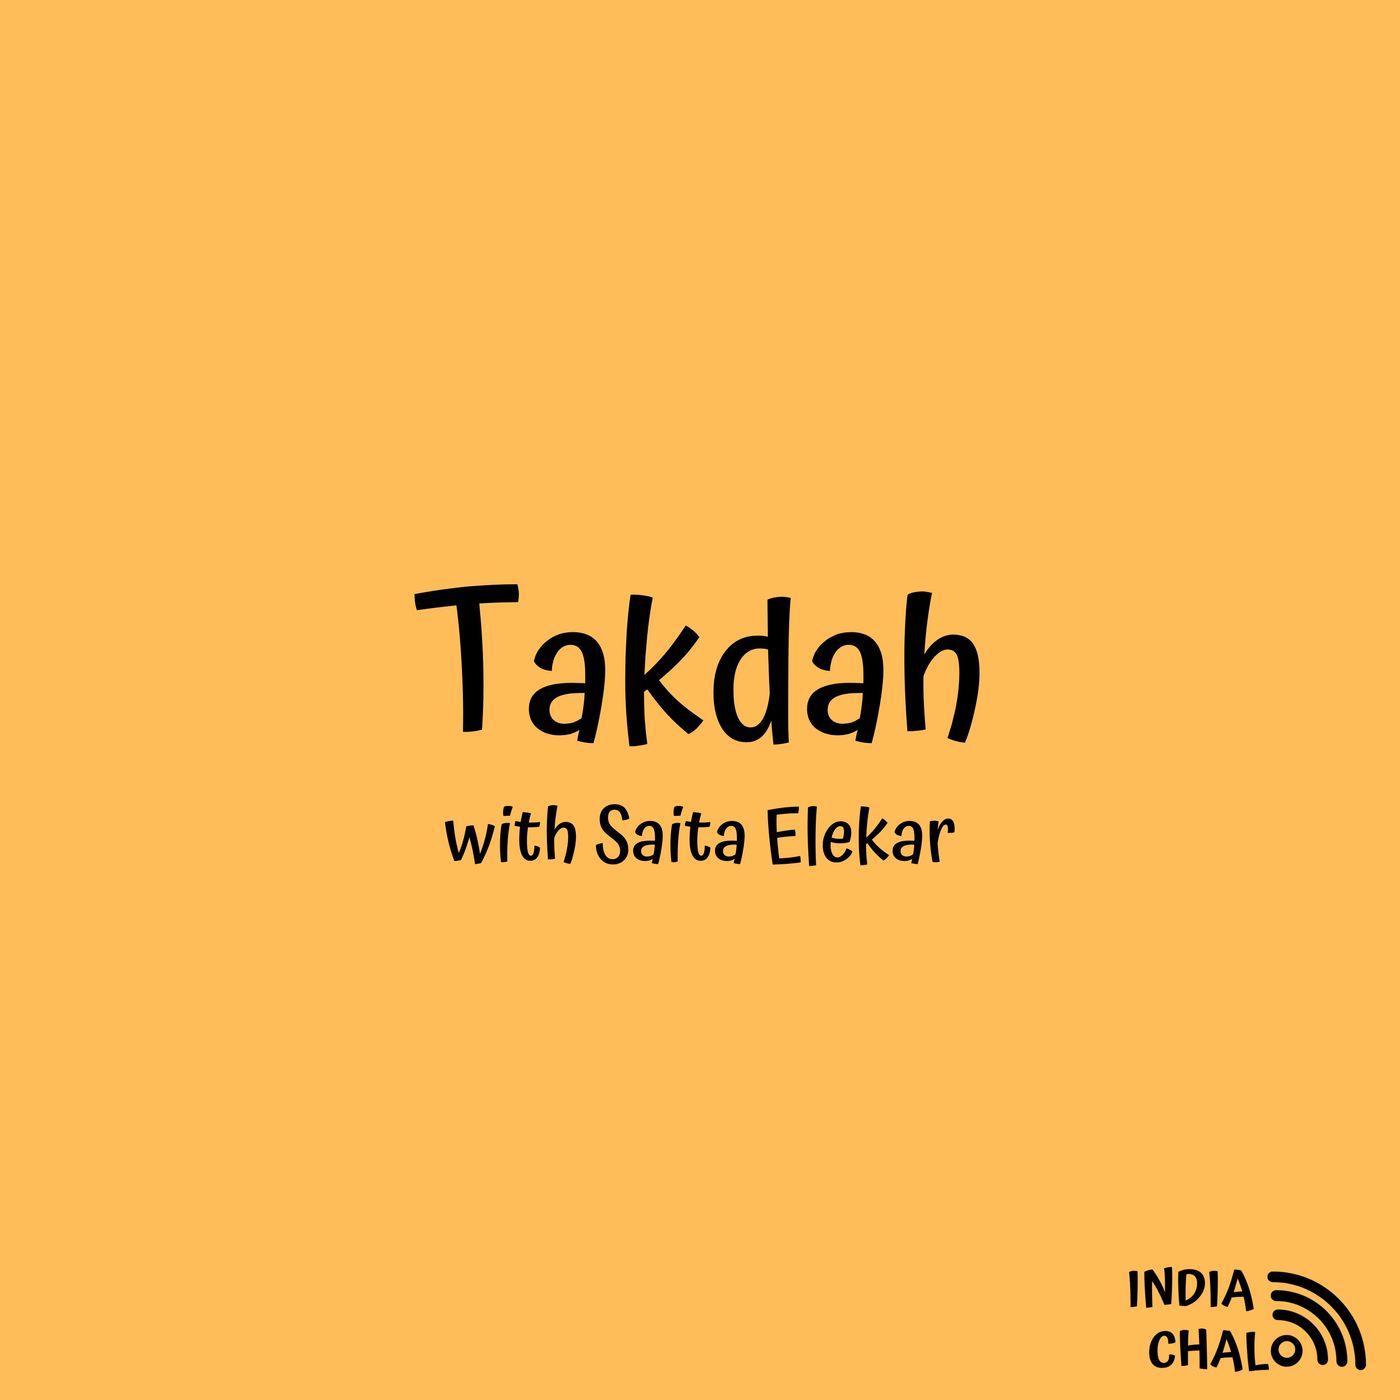 Takdah with Saita Elekar